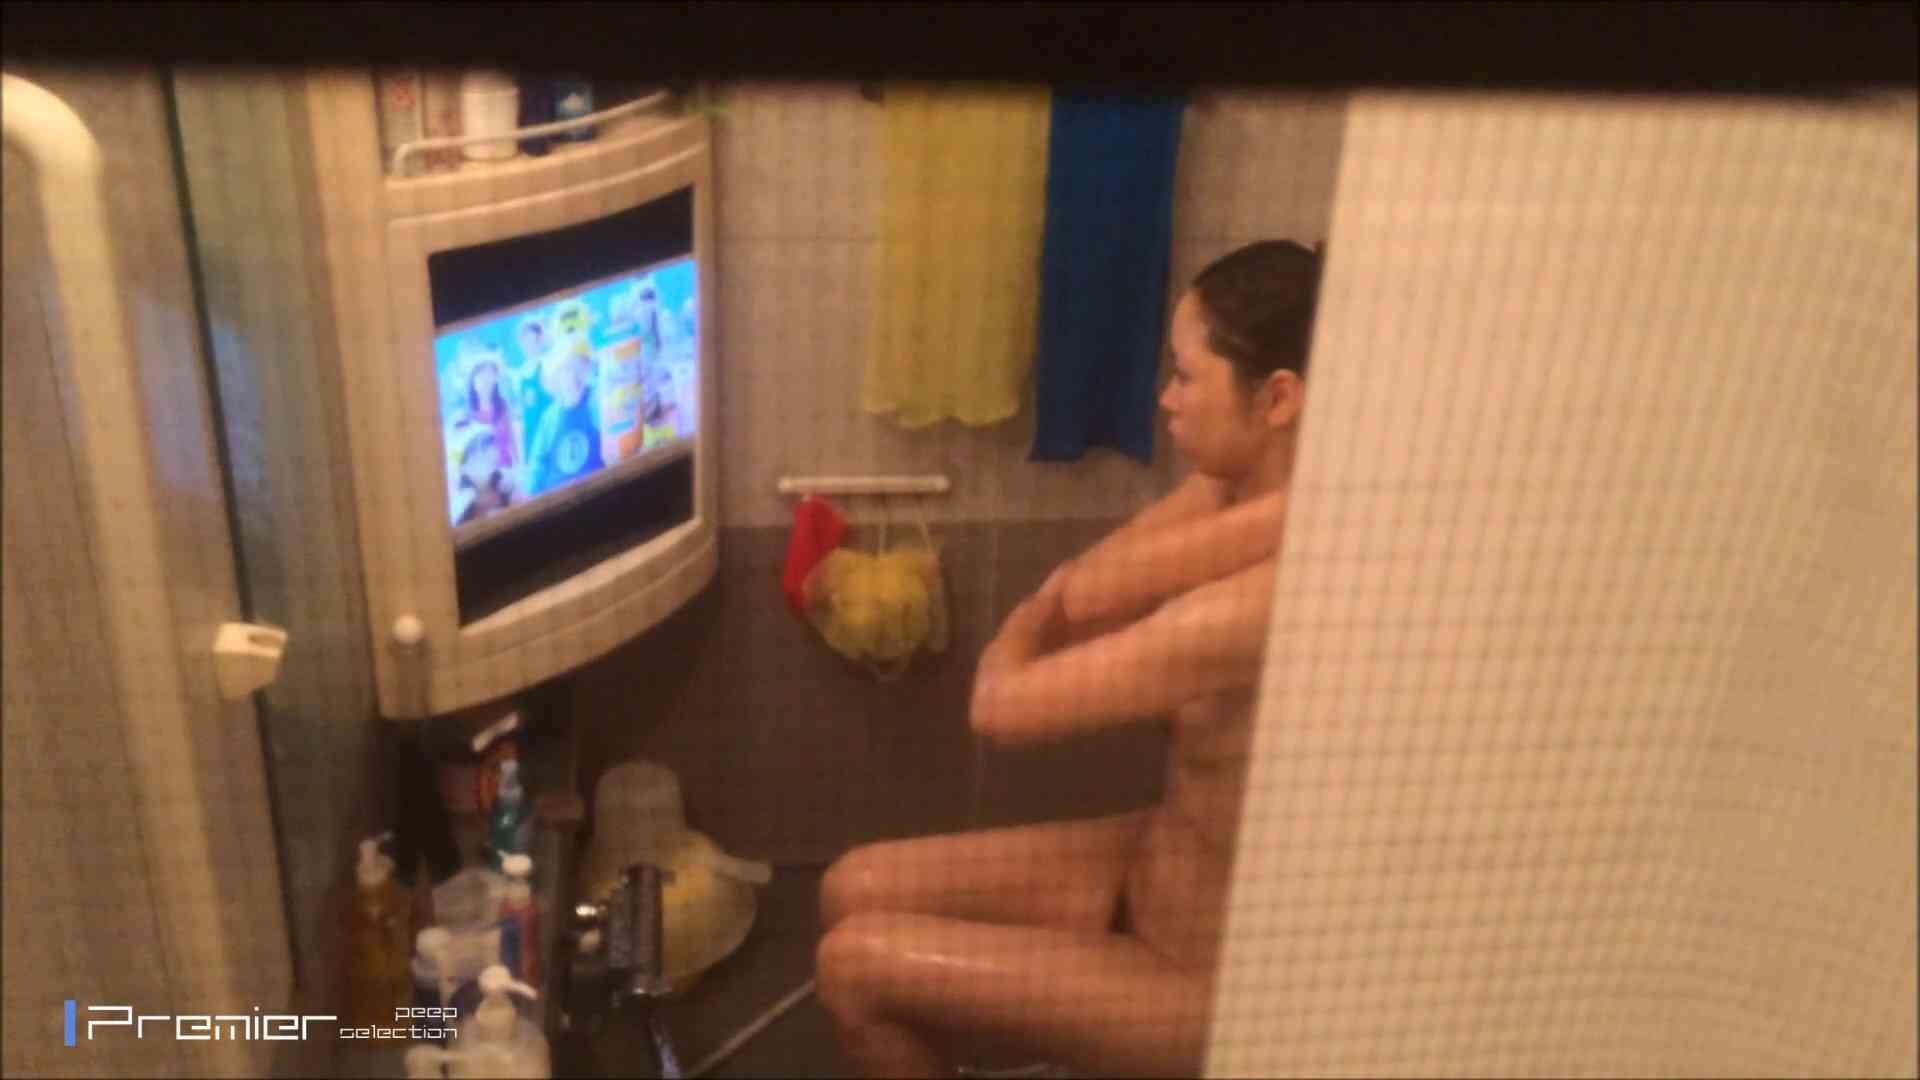 美女のテレビを見ながらの入浴 乙女の風呂場 Vol.21 丸見え エロ画像 85枚 62